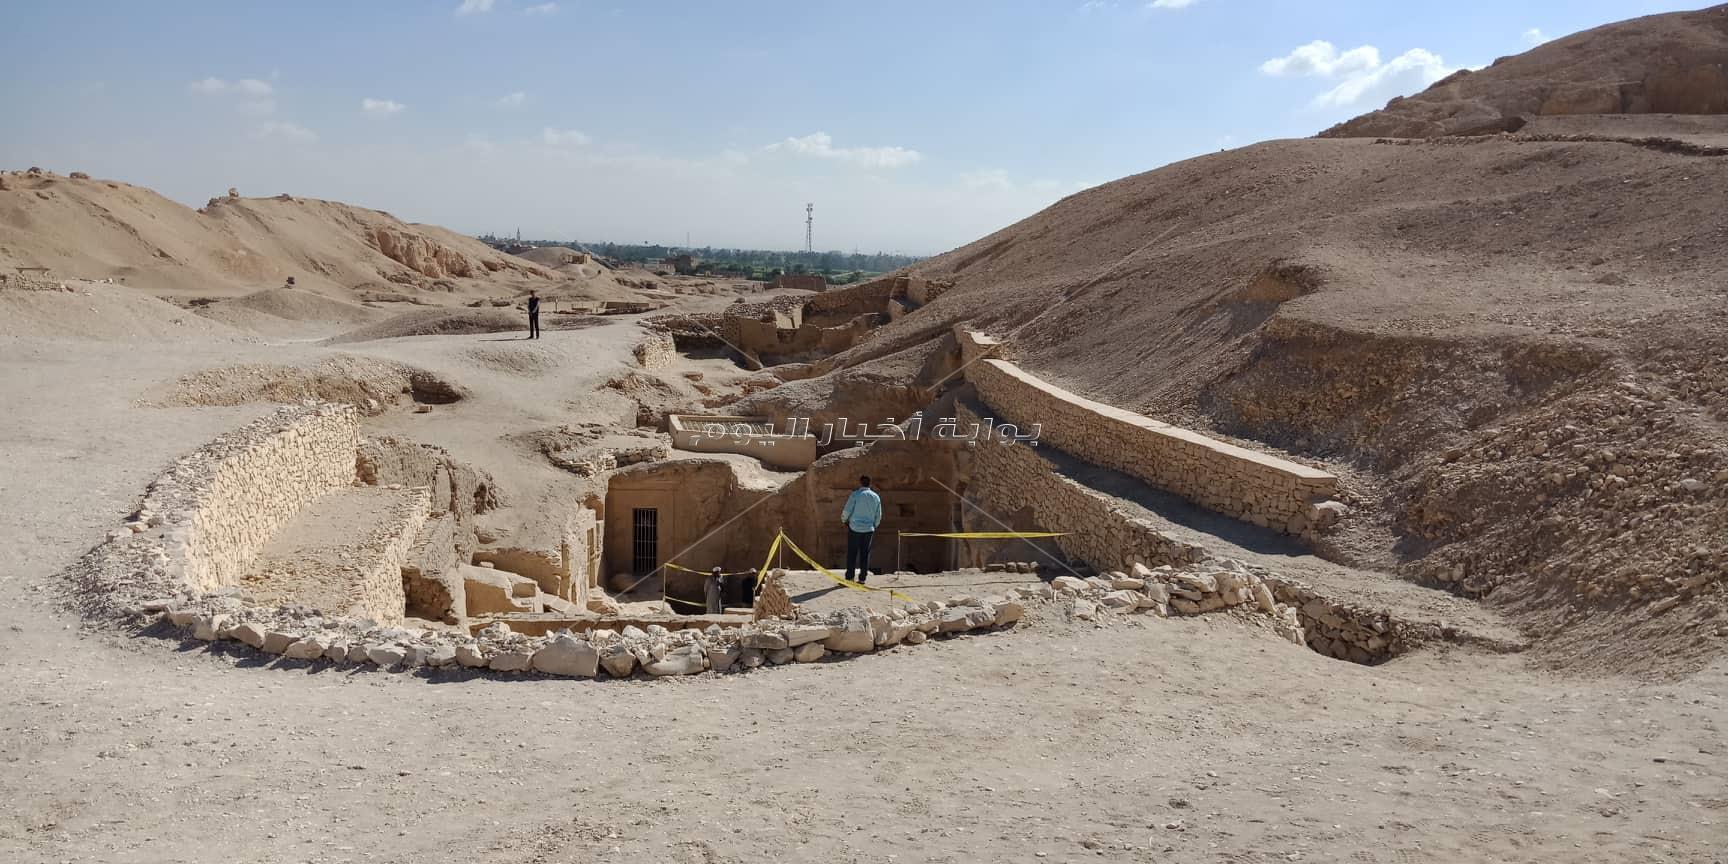 الصور الأولى للكشف الأثري الجديد بالبر الغربي في الأقصر